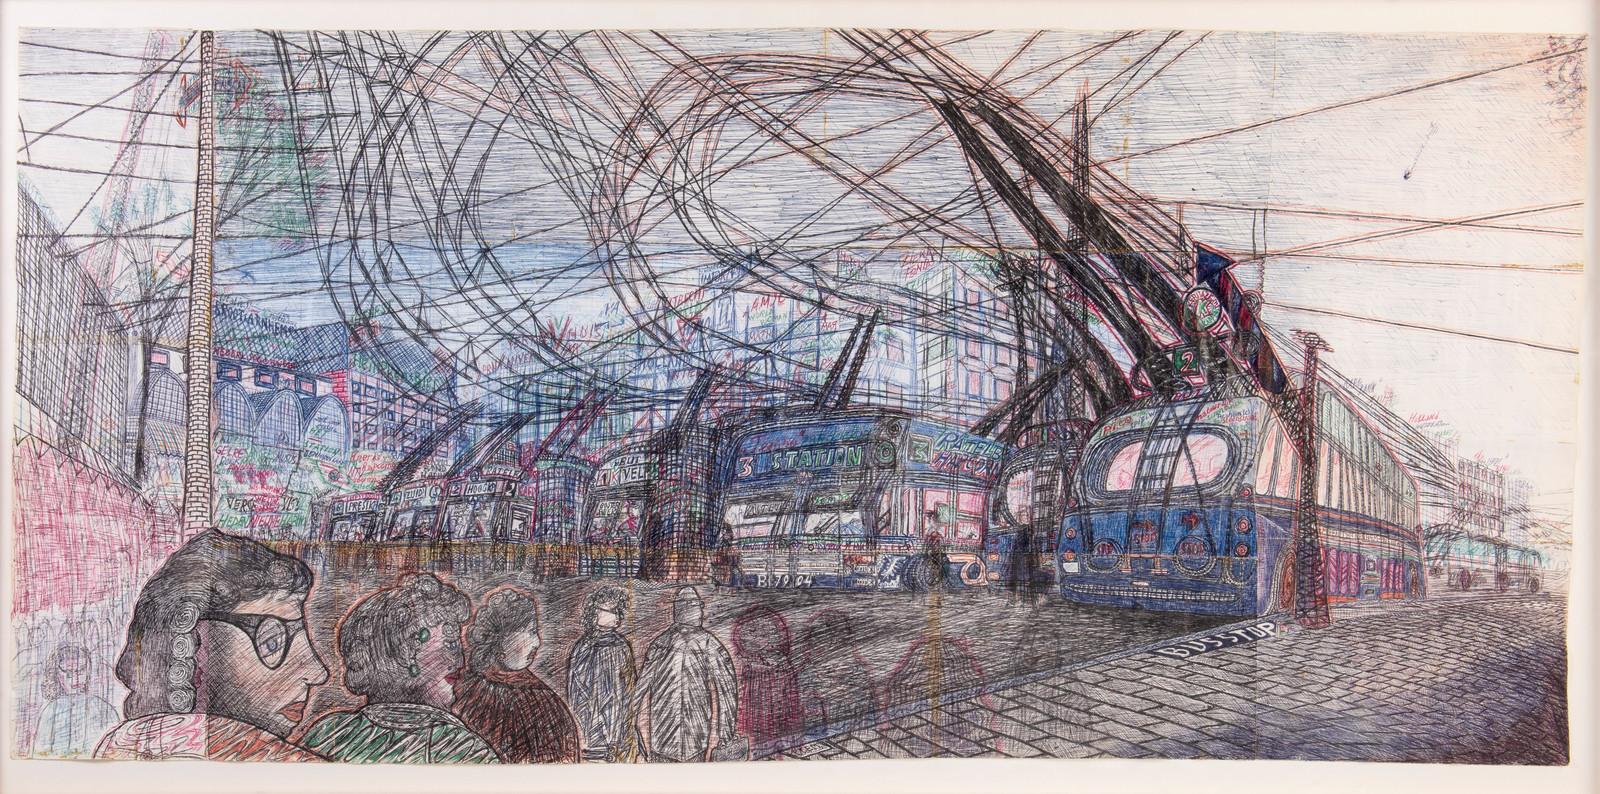 Pentekening van trolleybusstation op Stationsplein in Arnhem, gemaakt door Willem van Genk in 1996.